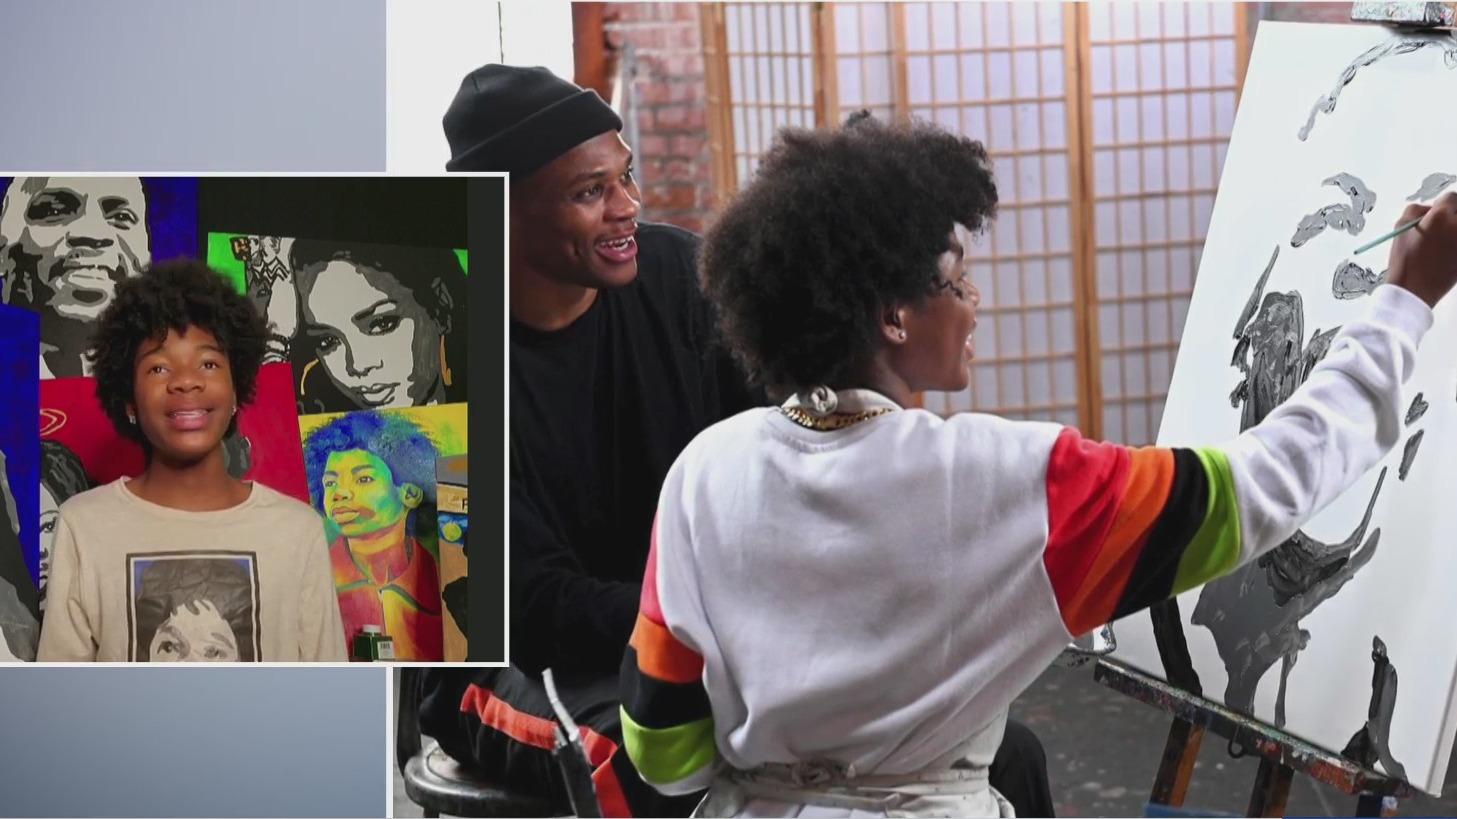 Teen painter Tyler Gordon